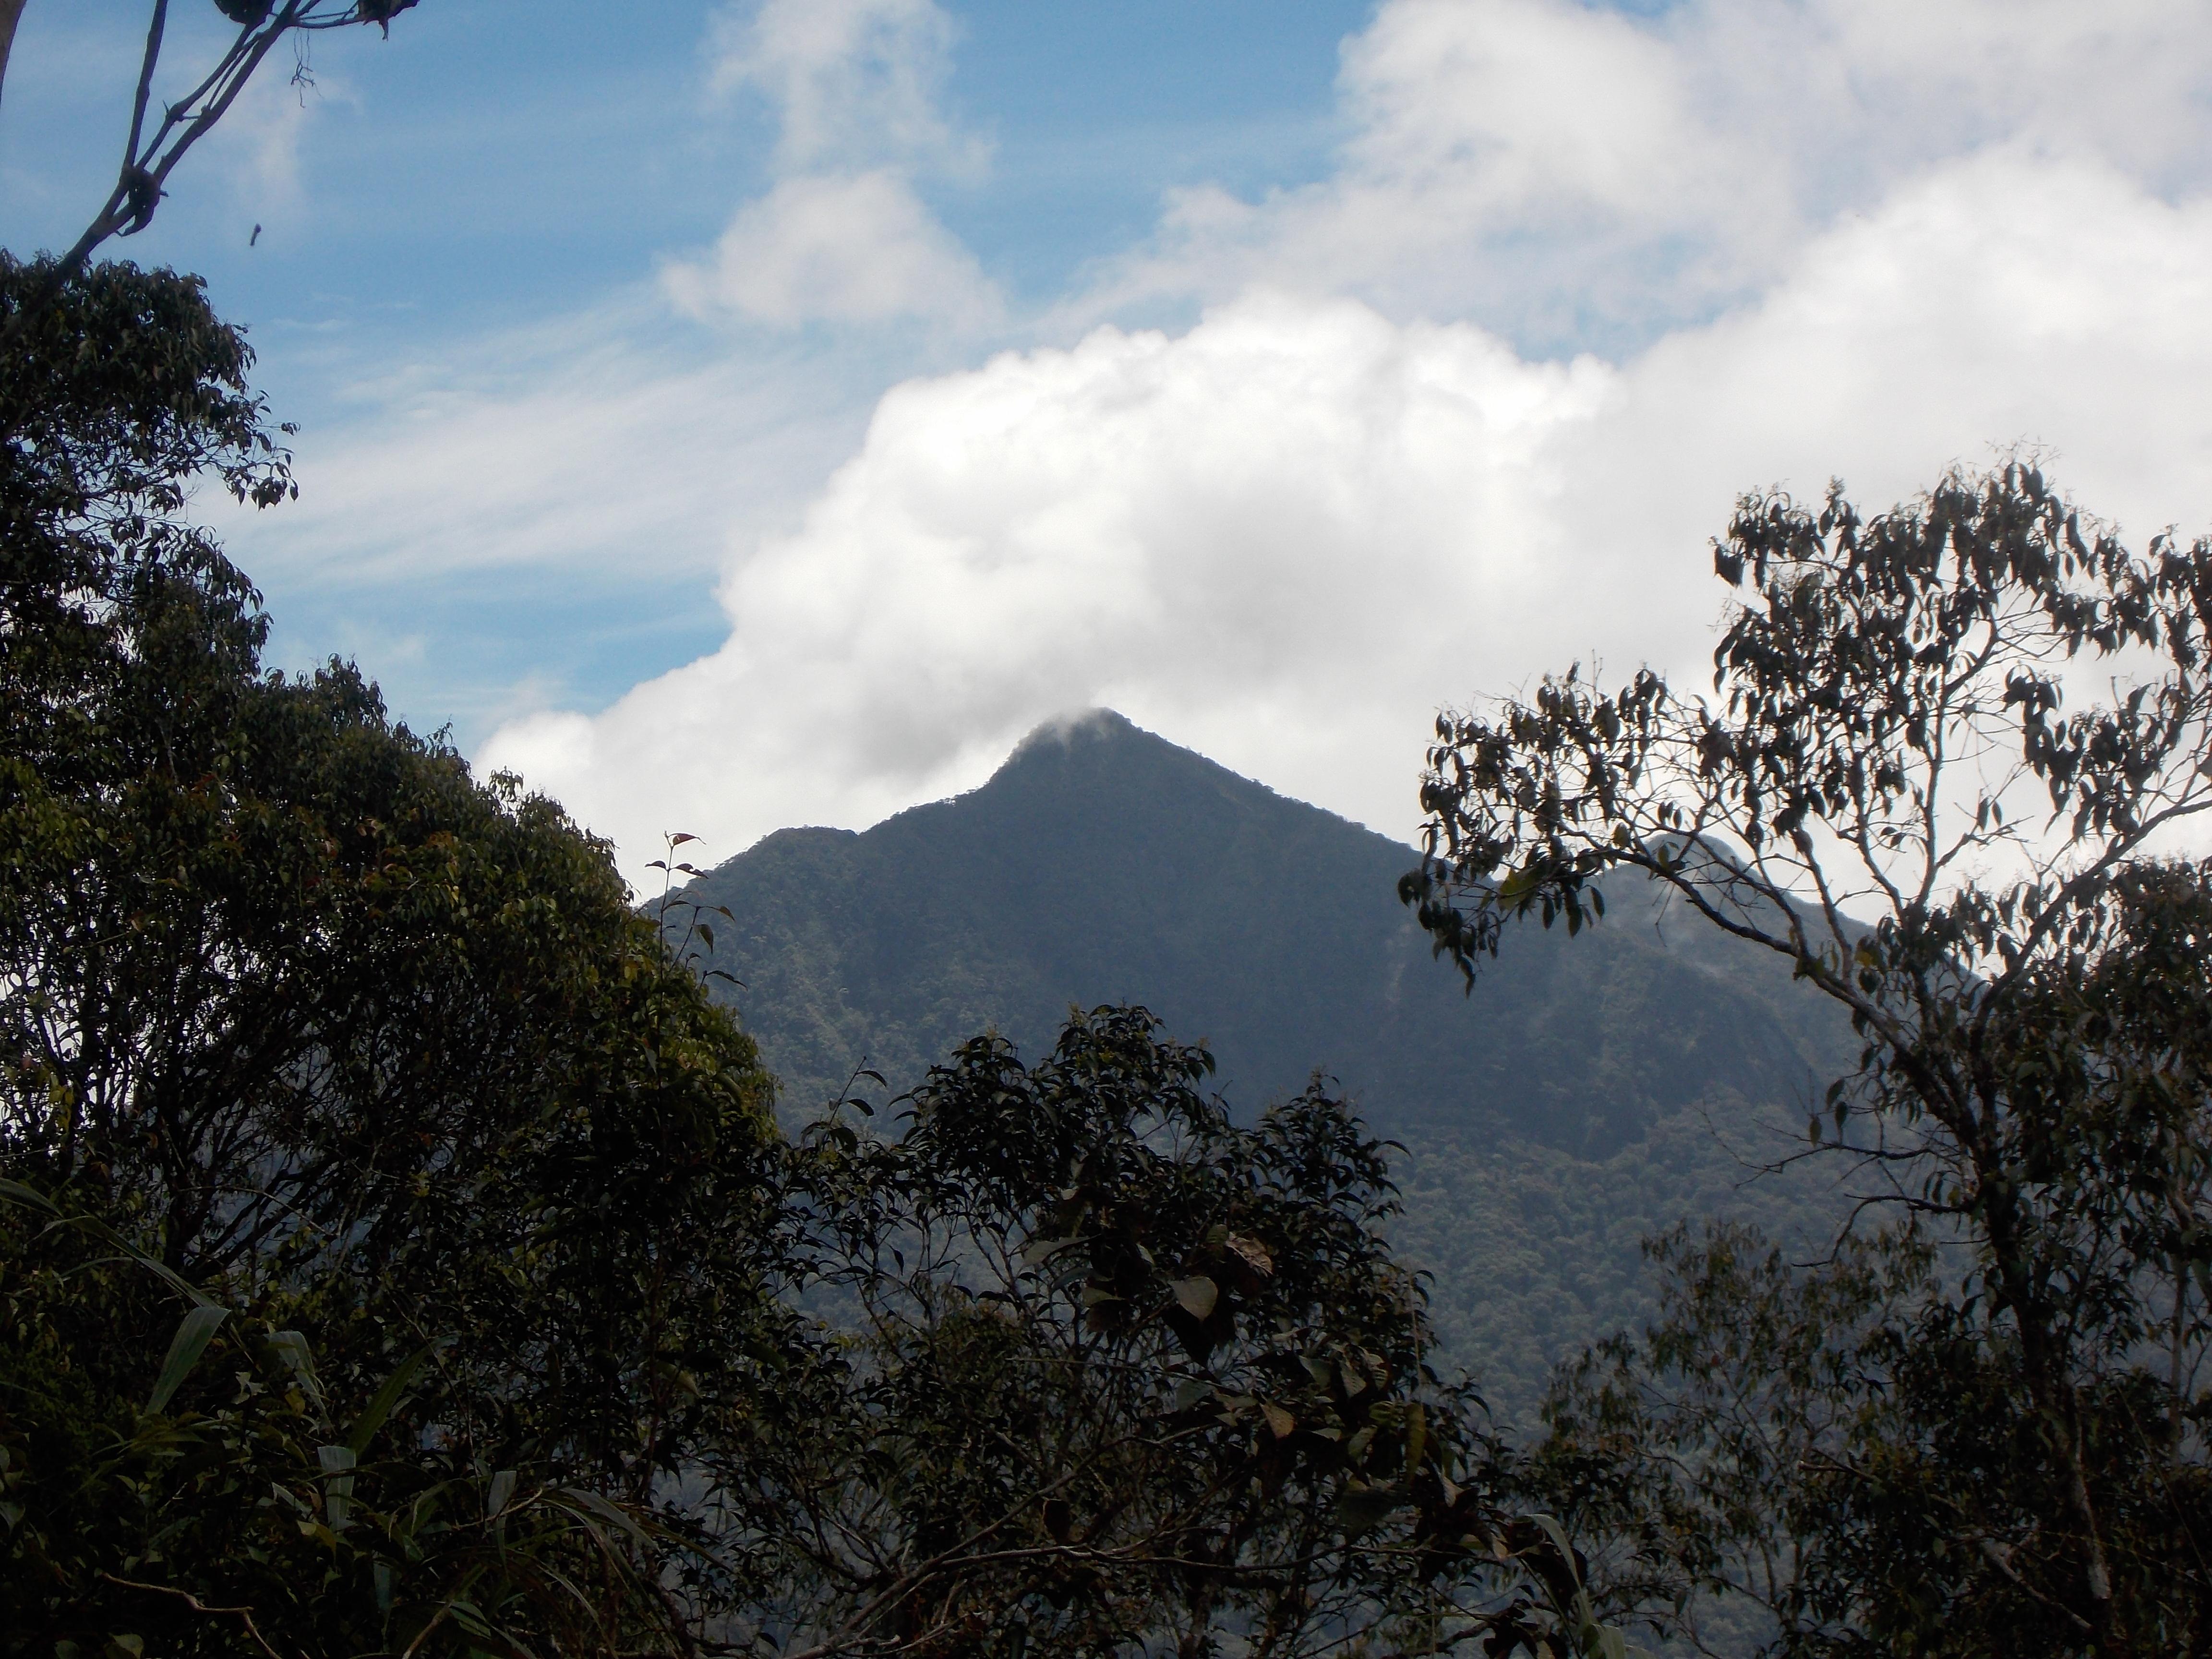 071 A closer look at Mulu summit